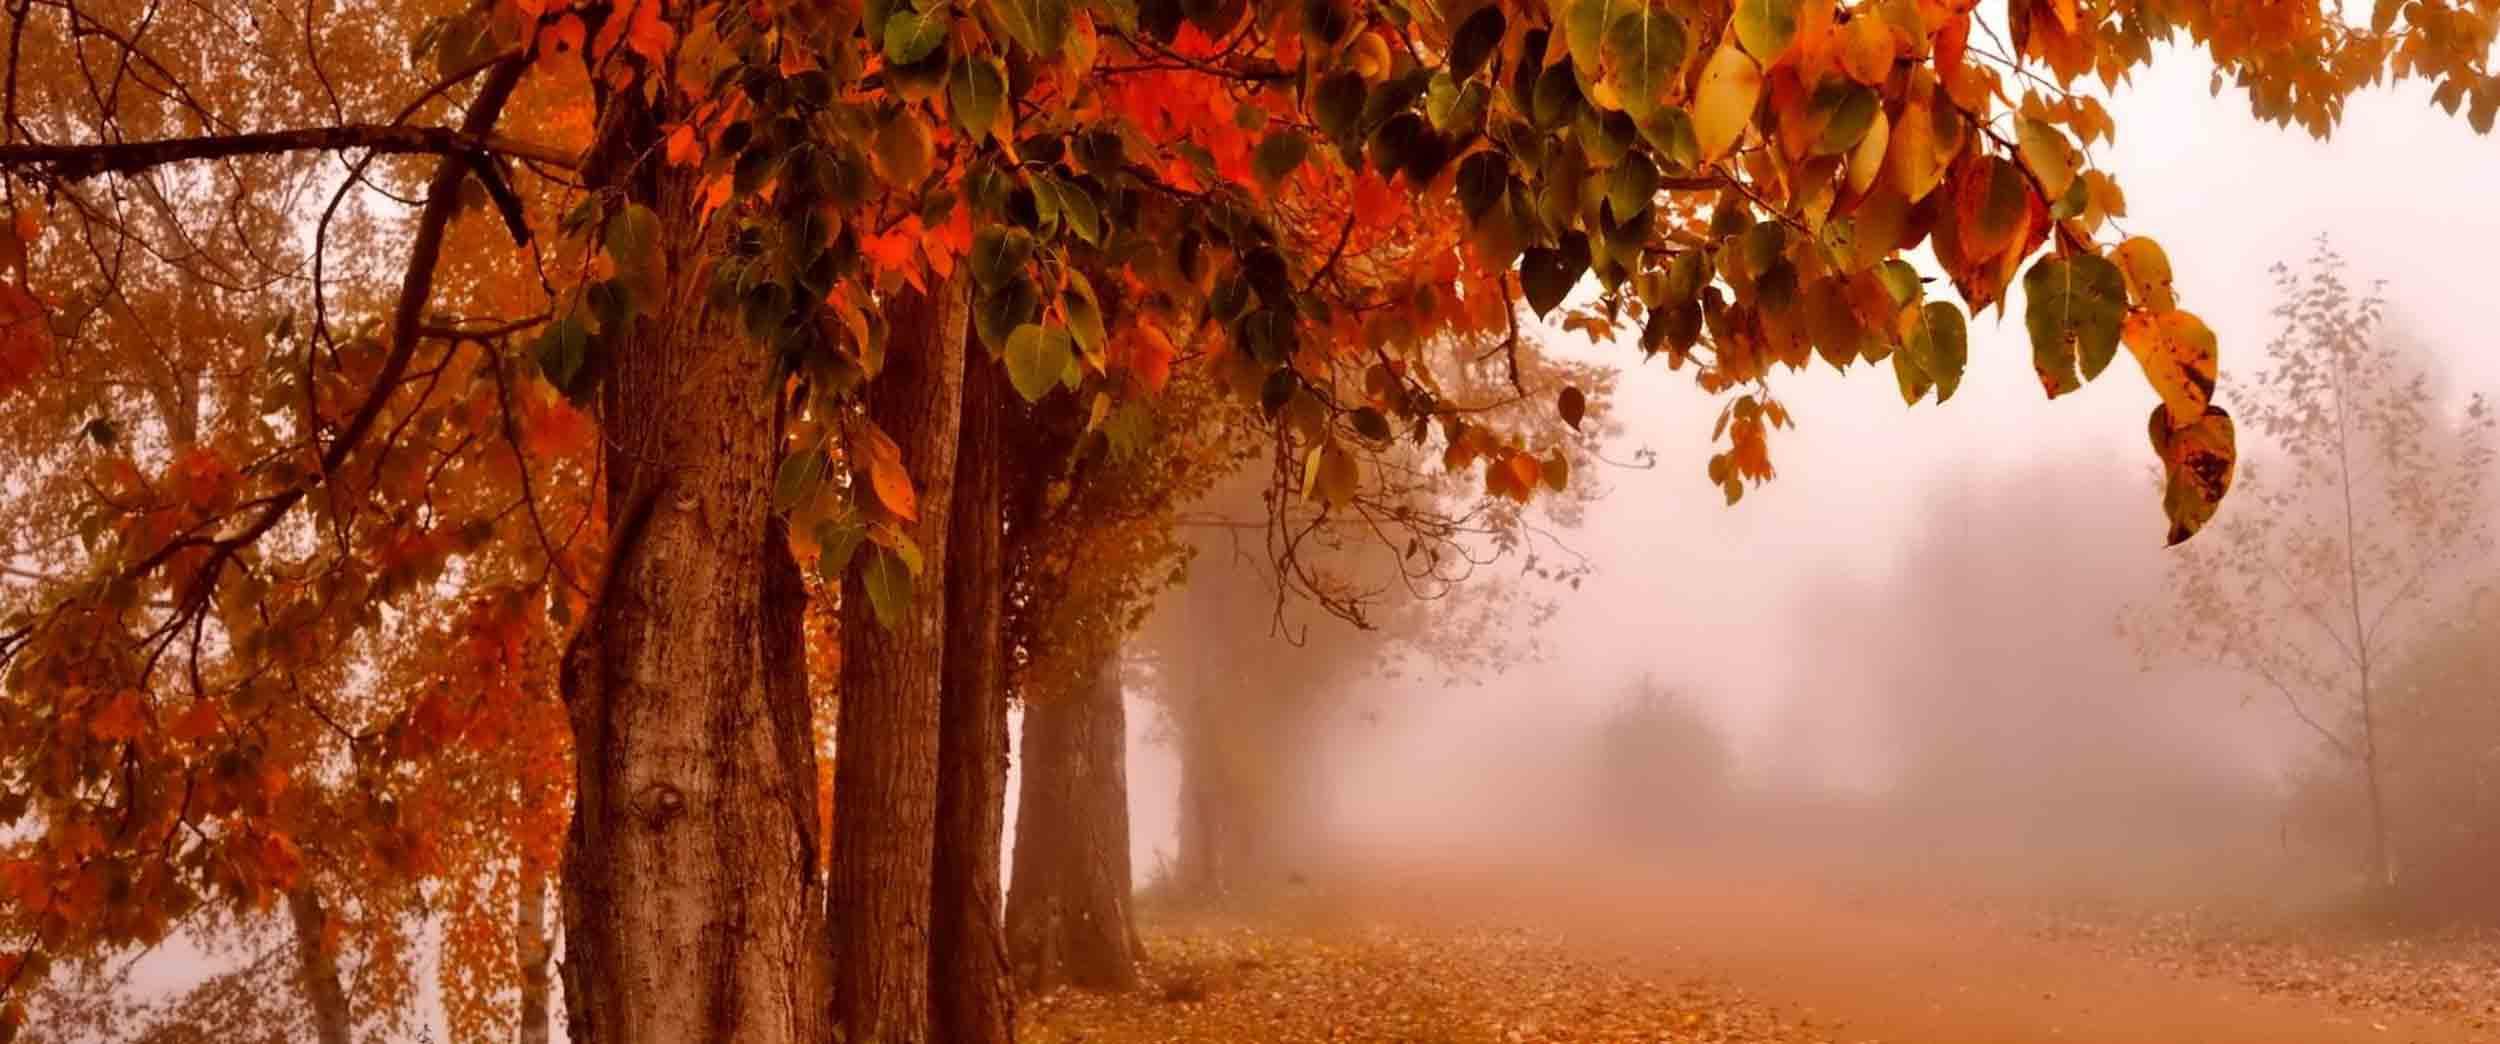 چند پیشنهاد برای سفر در پاییز در داخل ایران